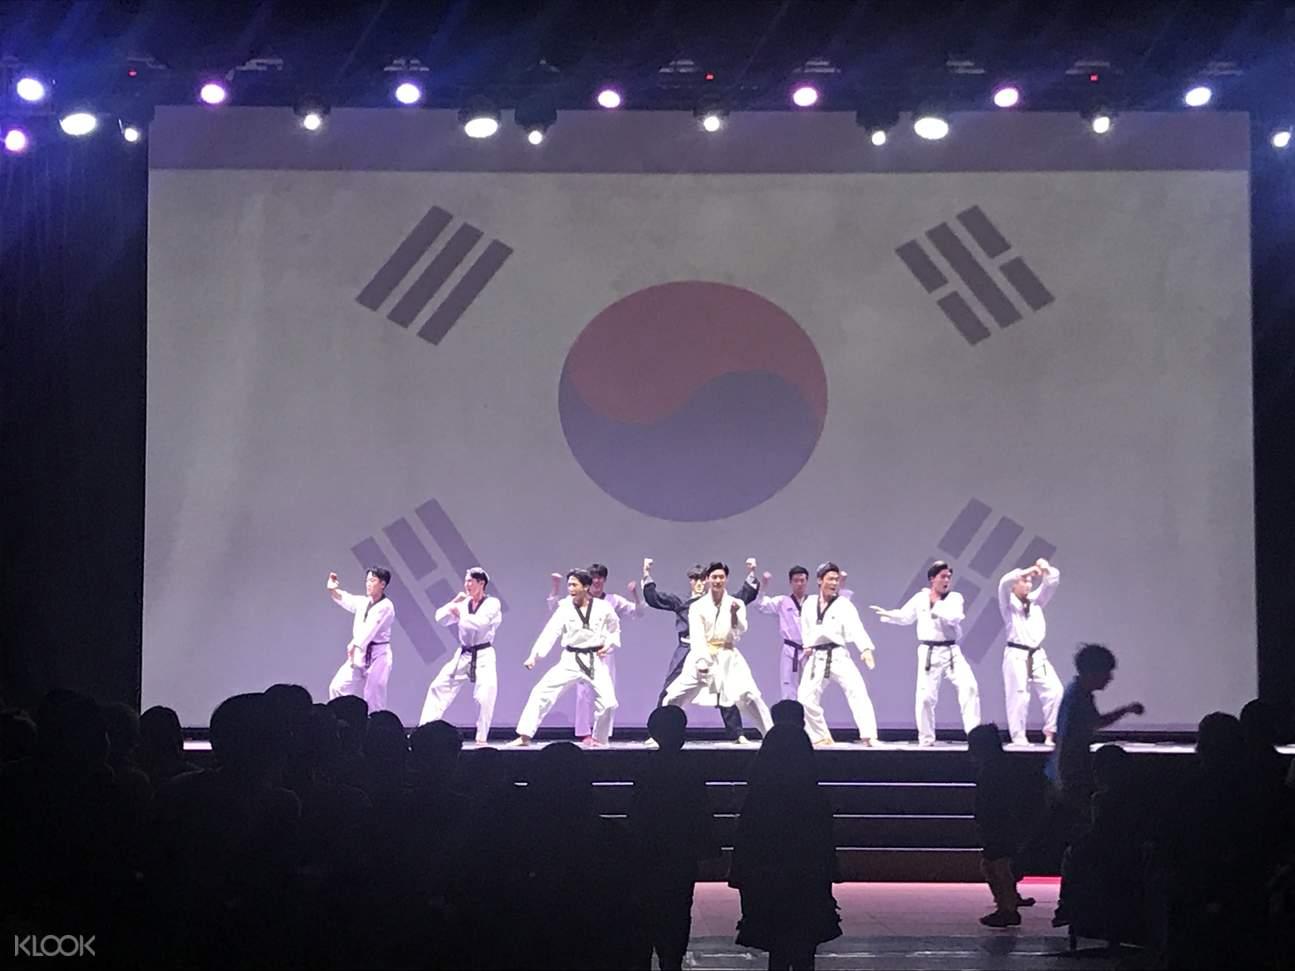 Seoul Kukkiwon Taekwondo Performance